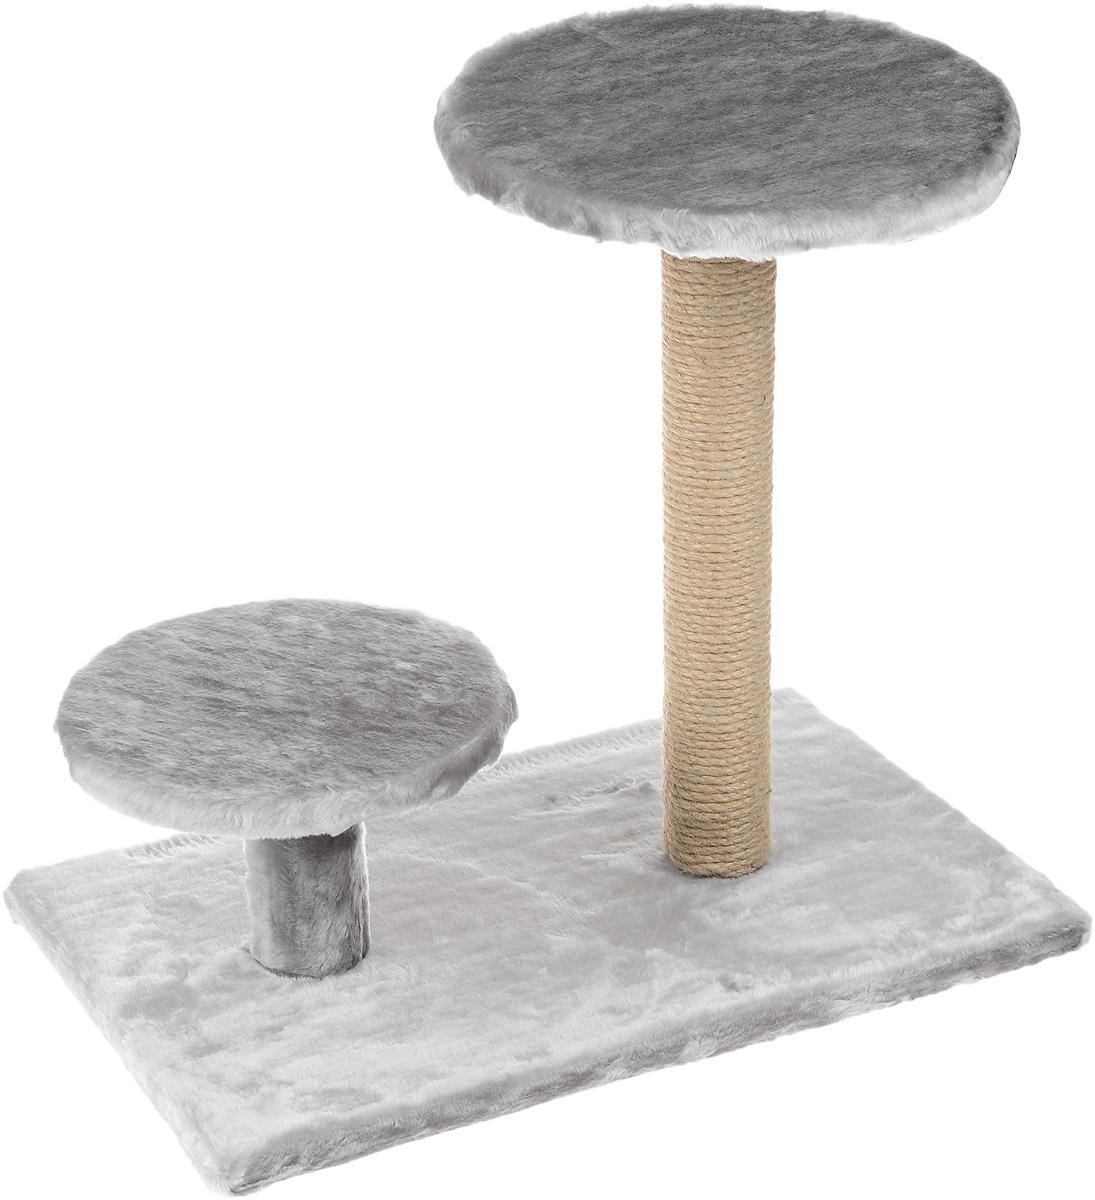 Когтеточка Пушок, с круглой площадкой и ступенькой, цвет: серый, 60 х 36 х 54 см4640000931759Когтеточка Пушок поможет сохранить мебель и ковры в доме от когтей вашего любимца, стремящегося удовлетворить свою естественную потребность точить когти. Когтеточка изготовлена из джута, прямоугольное основание выполнено из ДСП и обтянуто искусственным мехом. Изделие оснащено круглой площадкой и ступенькой. Товар продуман в мельчайших деталях и, несомненно, понравится вашей кошке. Всем кошкам необходимо стачивать когти. Когтеточка - один из самых необходимых аксессуаров для кошки. Для приучения к когтеточке можно натереть ее сухой валерьянкой или кошачьей мятой. Когтеточка поможет вашему любимцу стачивать когти и при этом не портить вашу мебель.